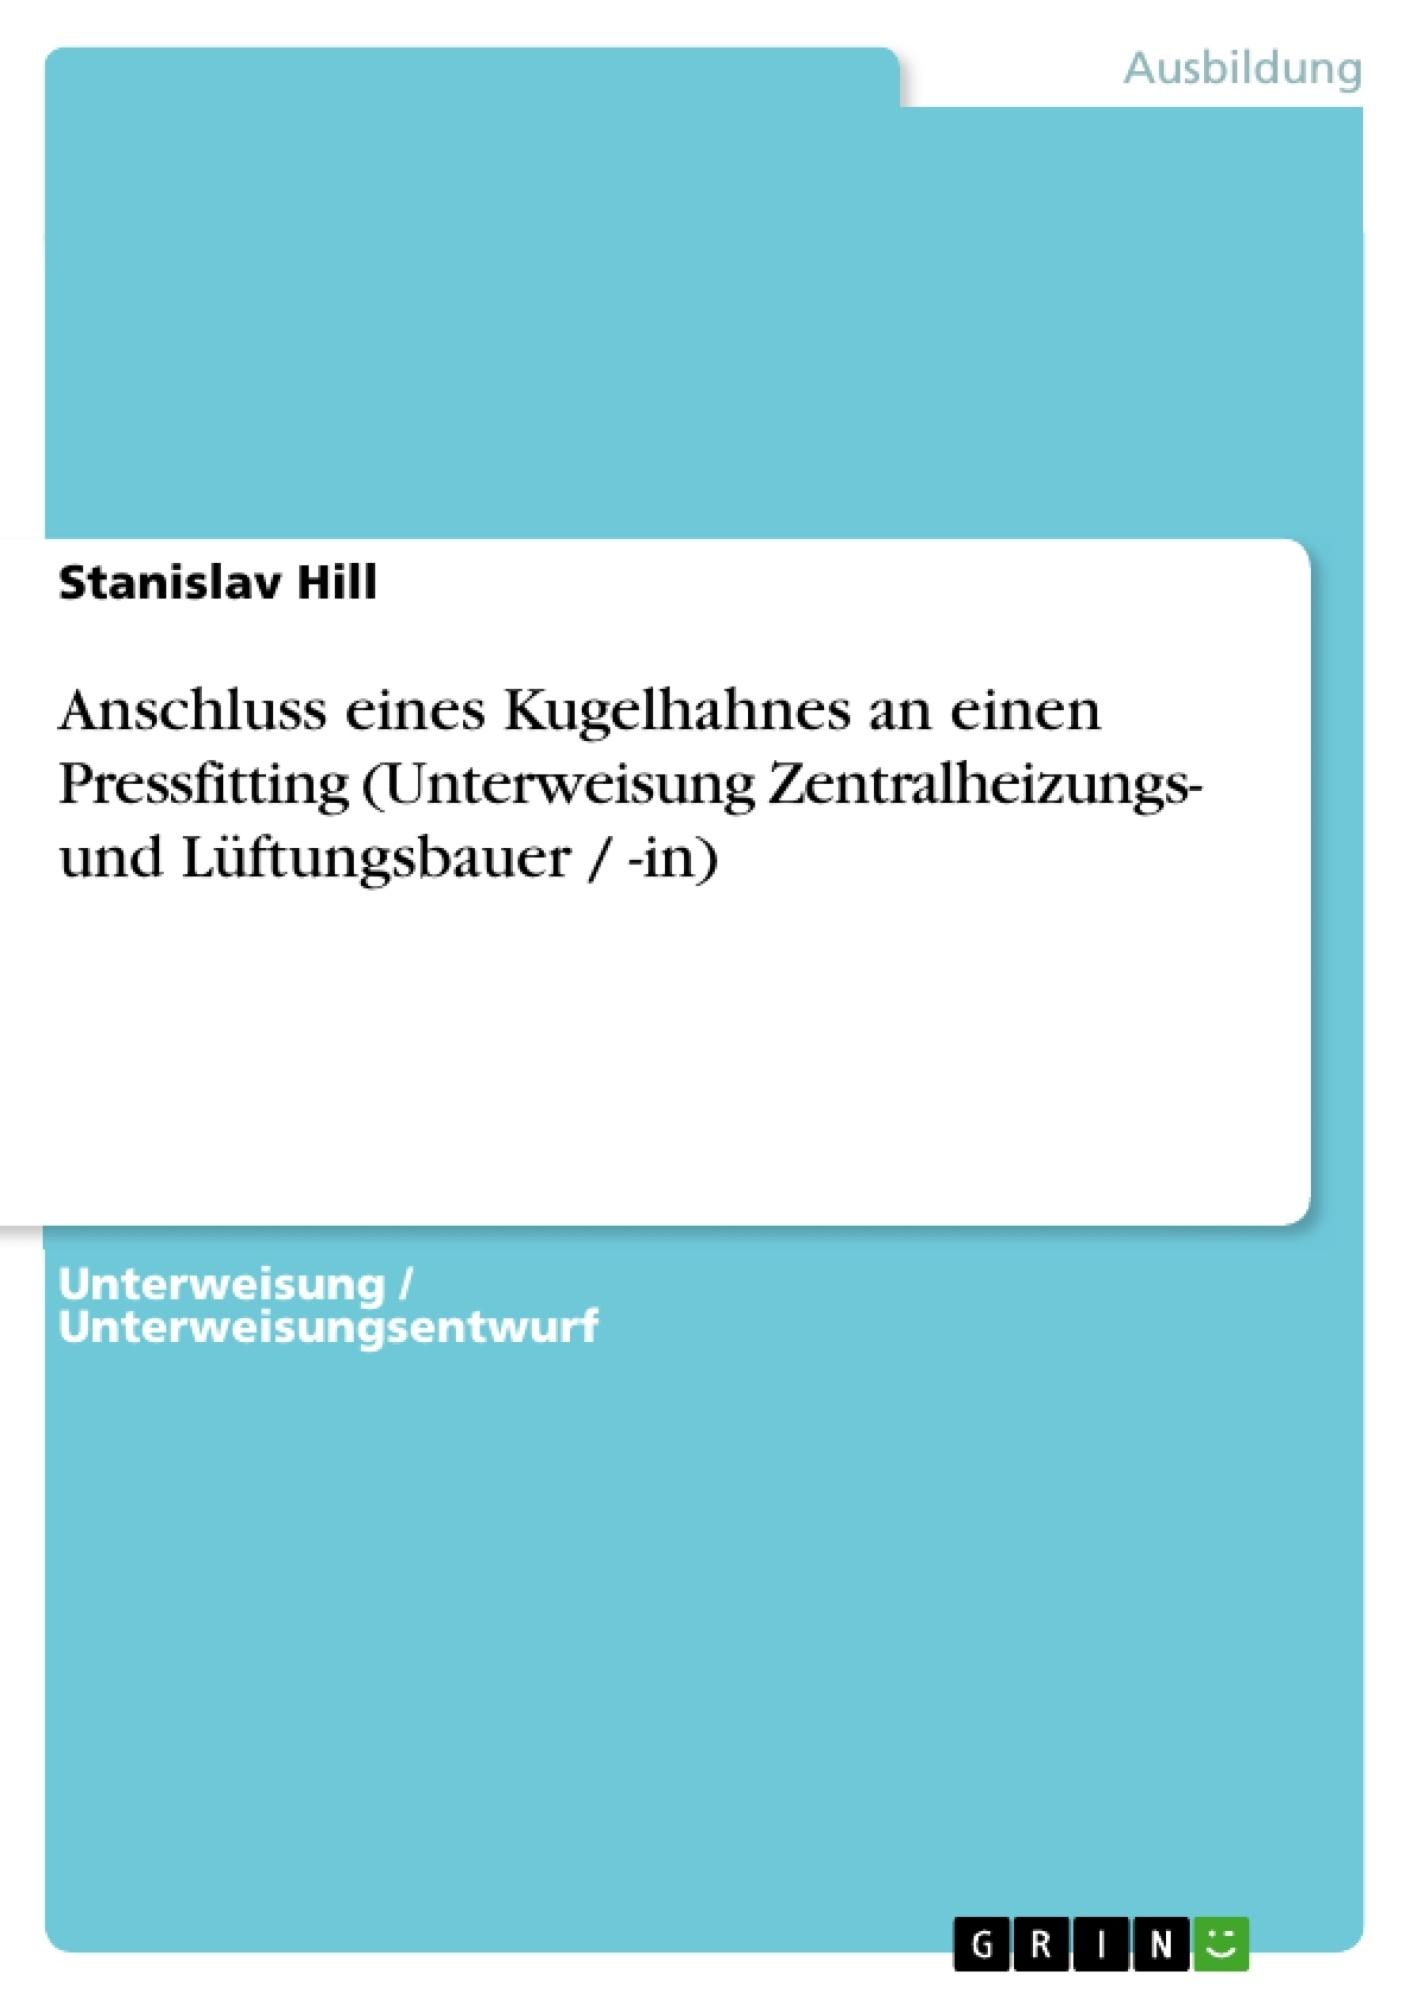 Titel: Anschluss eines Kugelhahnes an einen Pressfitting (Unterweisung Zentralheizungs- und Lüftungsbauer / -in)